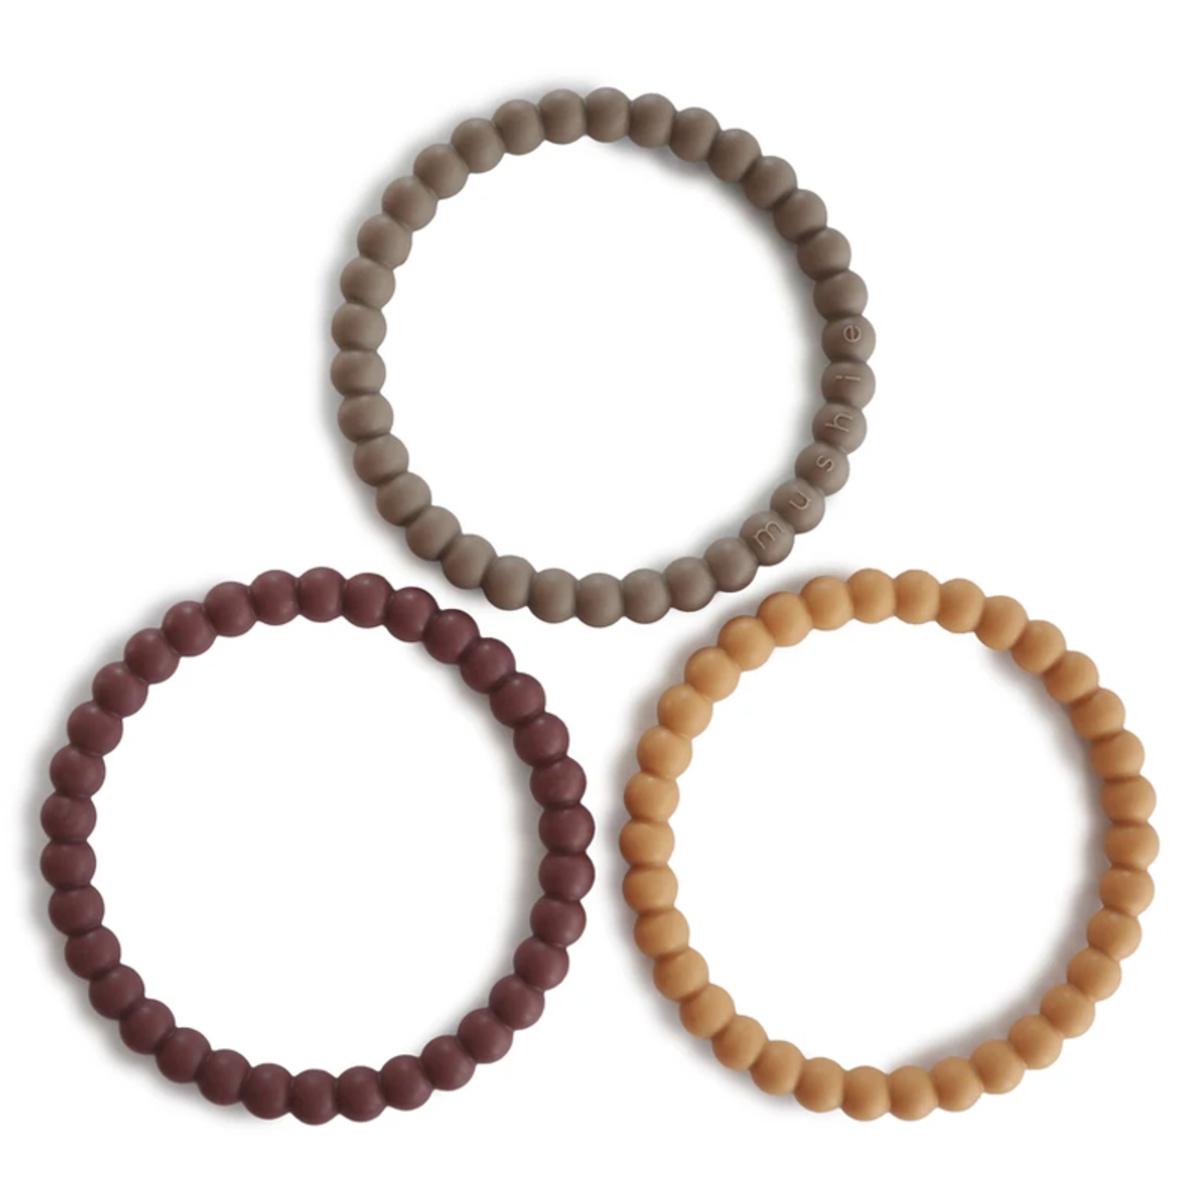 Dentition Lot de 3 Bracelets de Dentition - Berry Marigold & Khaki Lot de 3 Bracelets de Dentition - Berry Marigold & Khaki